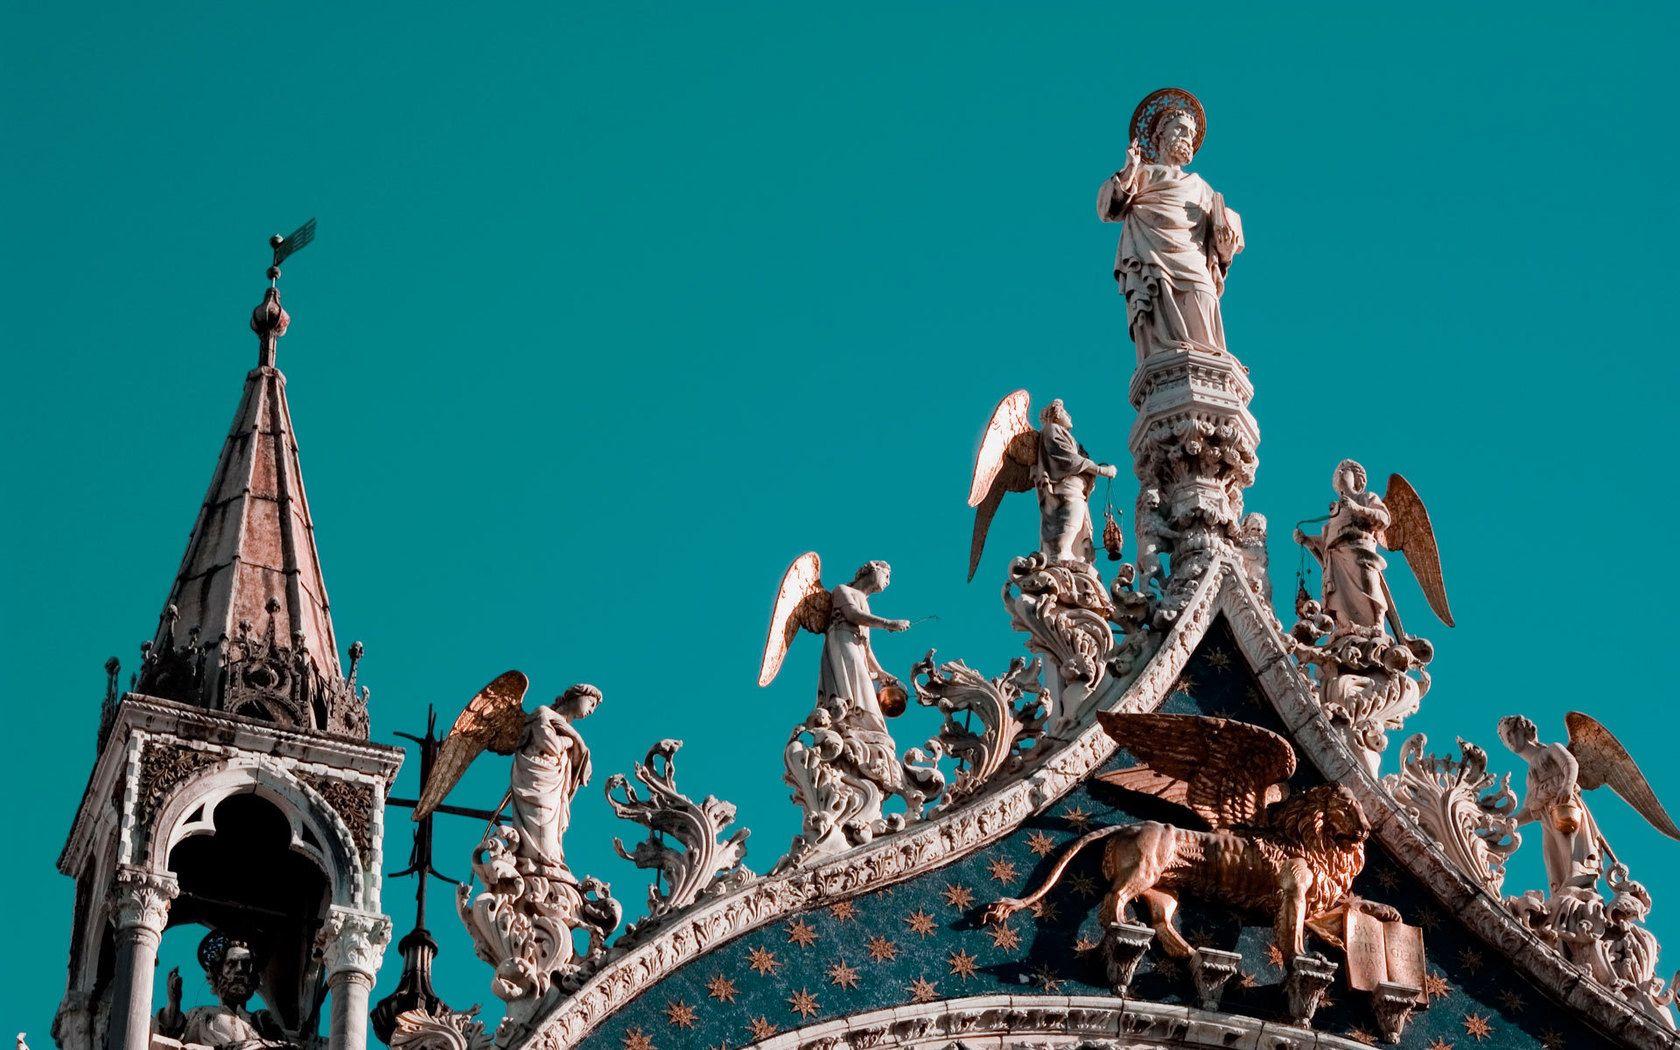 149279 Protetores de tela e papéis de parede Anjos em seu telefone. Baixe Cidades, Céu, Arquitetura, Anjos, Veneza, Cobertura, Telhado, Estátuas fotos gratuitamente